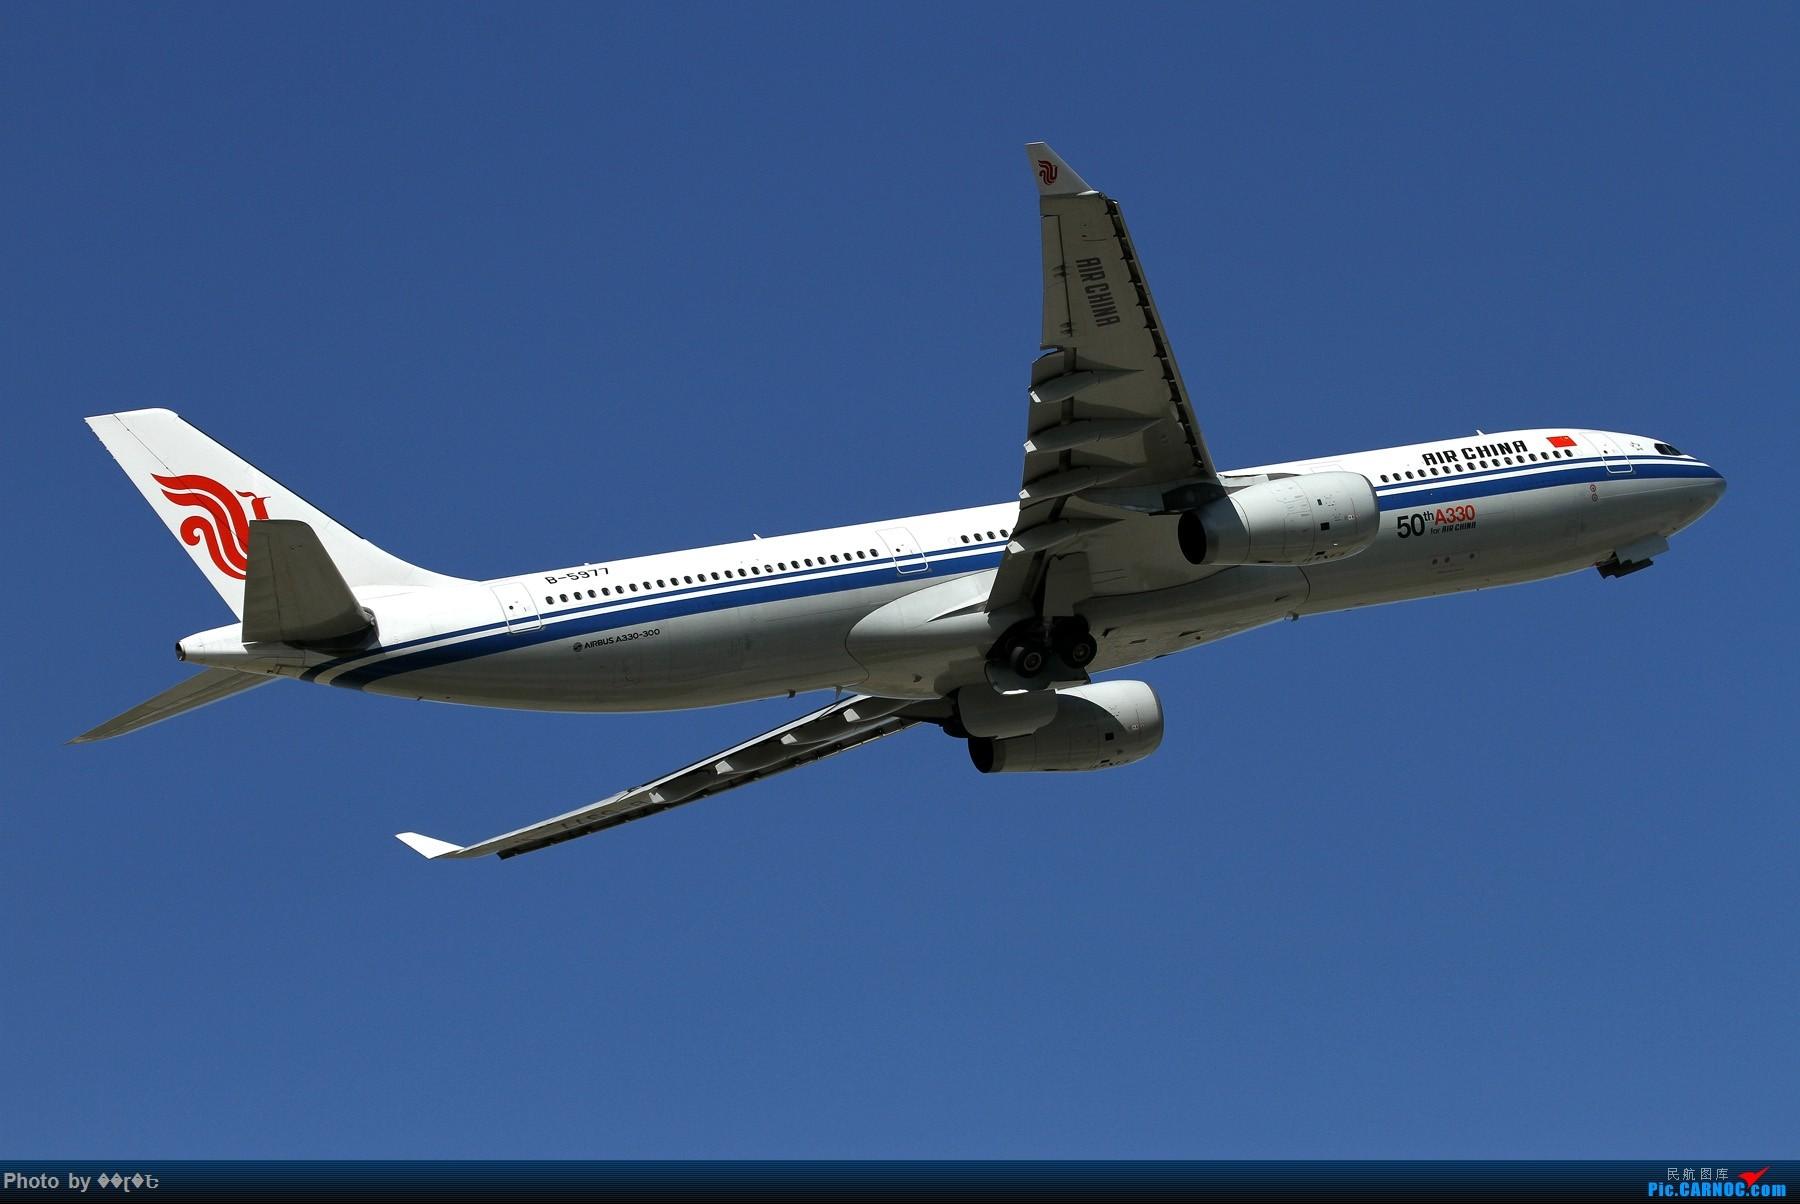 国航333机型_>>[原创]腾空而起的国航空客333,b-5977.